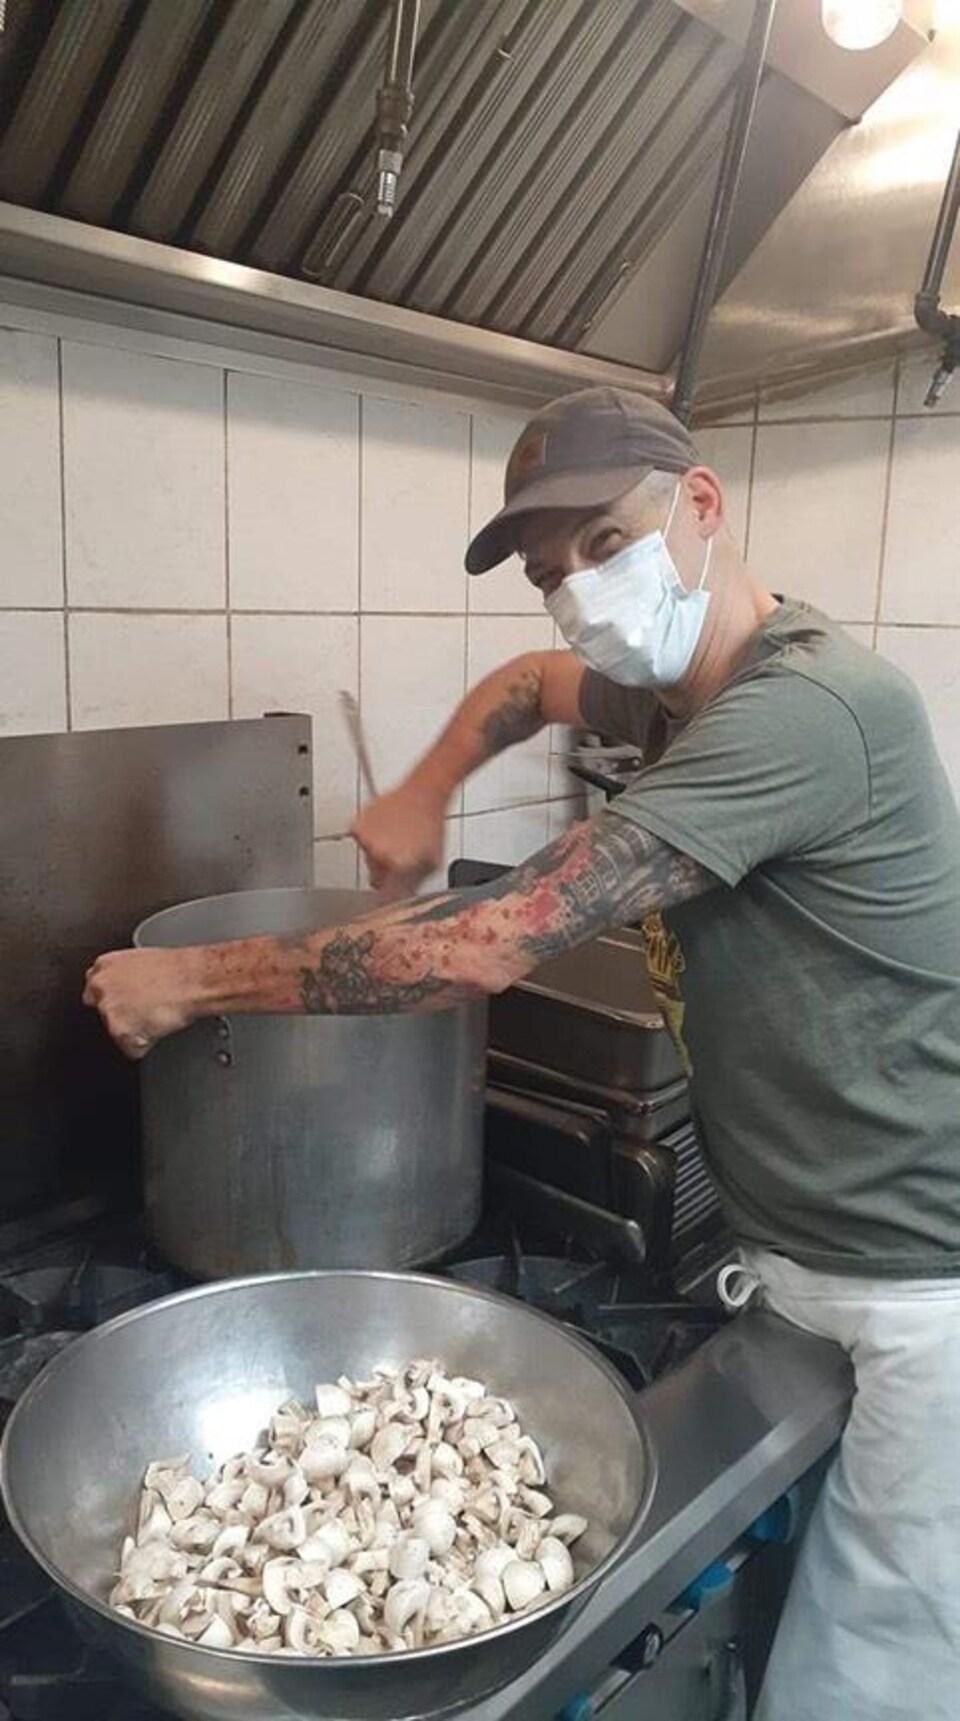 Alex Deschênes, organisateur communautaire au Collectif régional de lutte à l'itinérance en Outaouais et chef cuisinier à La Soupière de Gatineau.